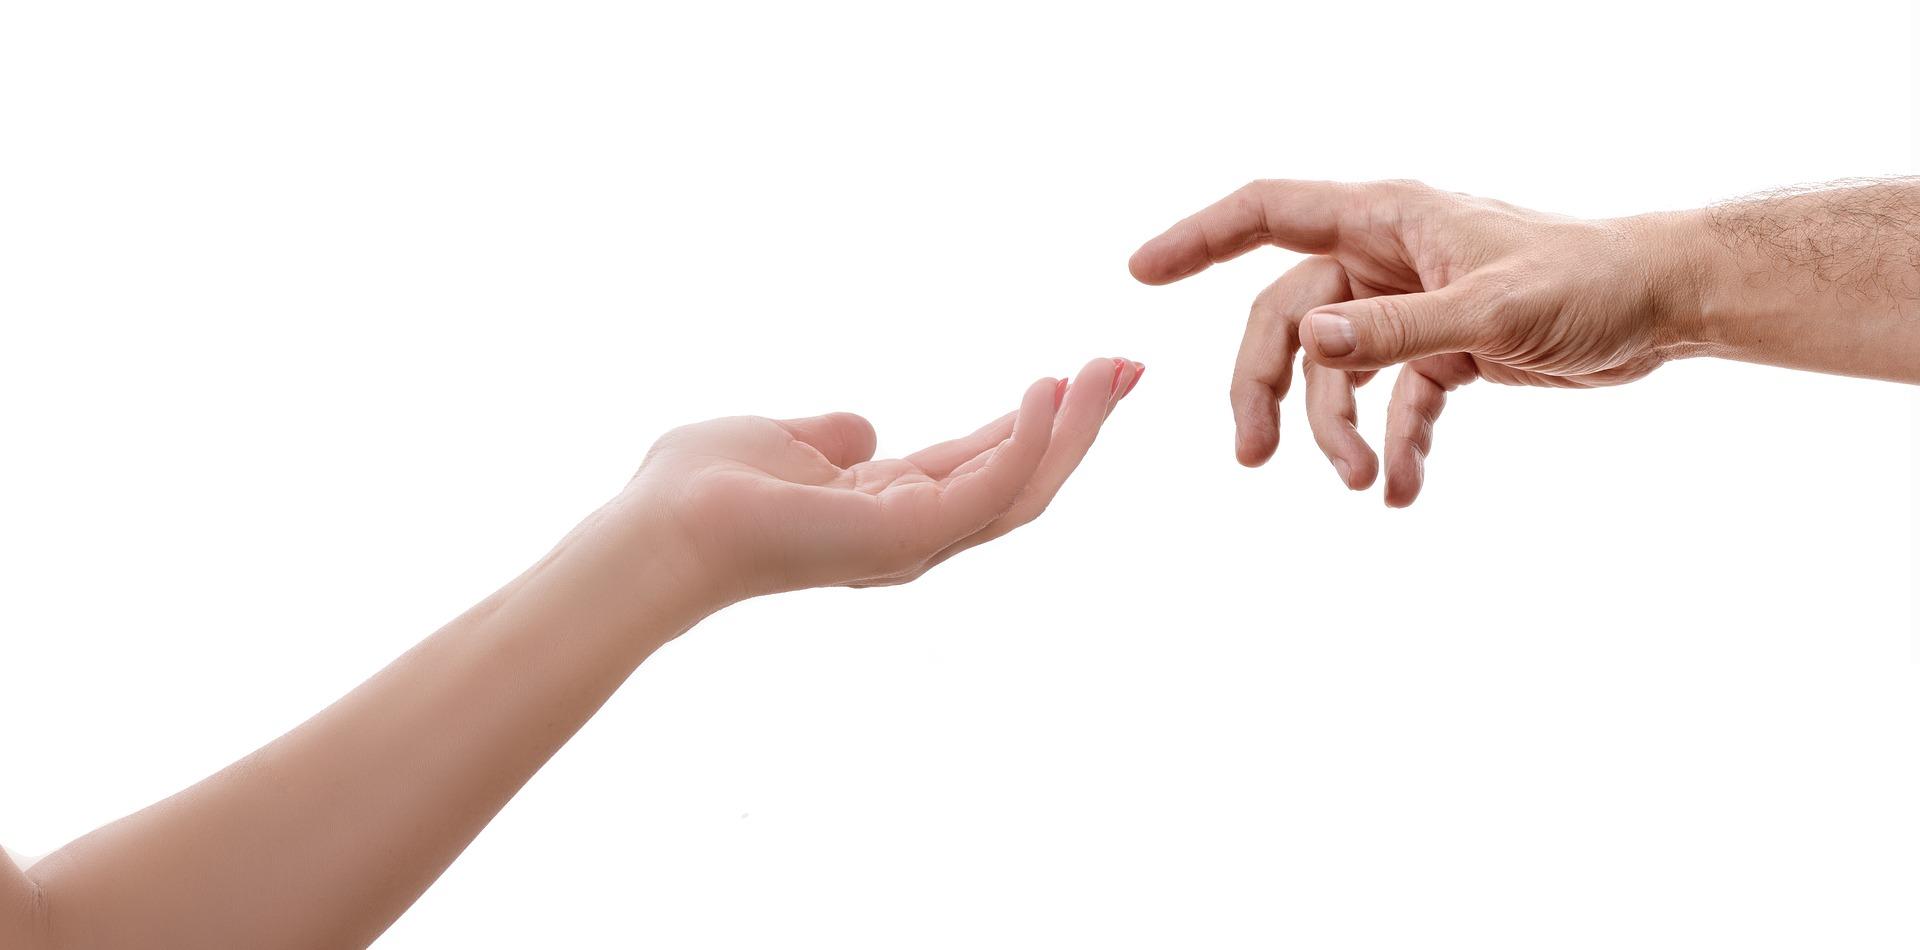 Si conoces a alguien que esté pensando en el suicidio tiéndele la mano sin juzgar